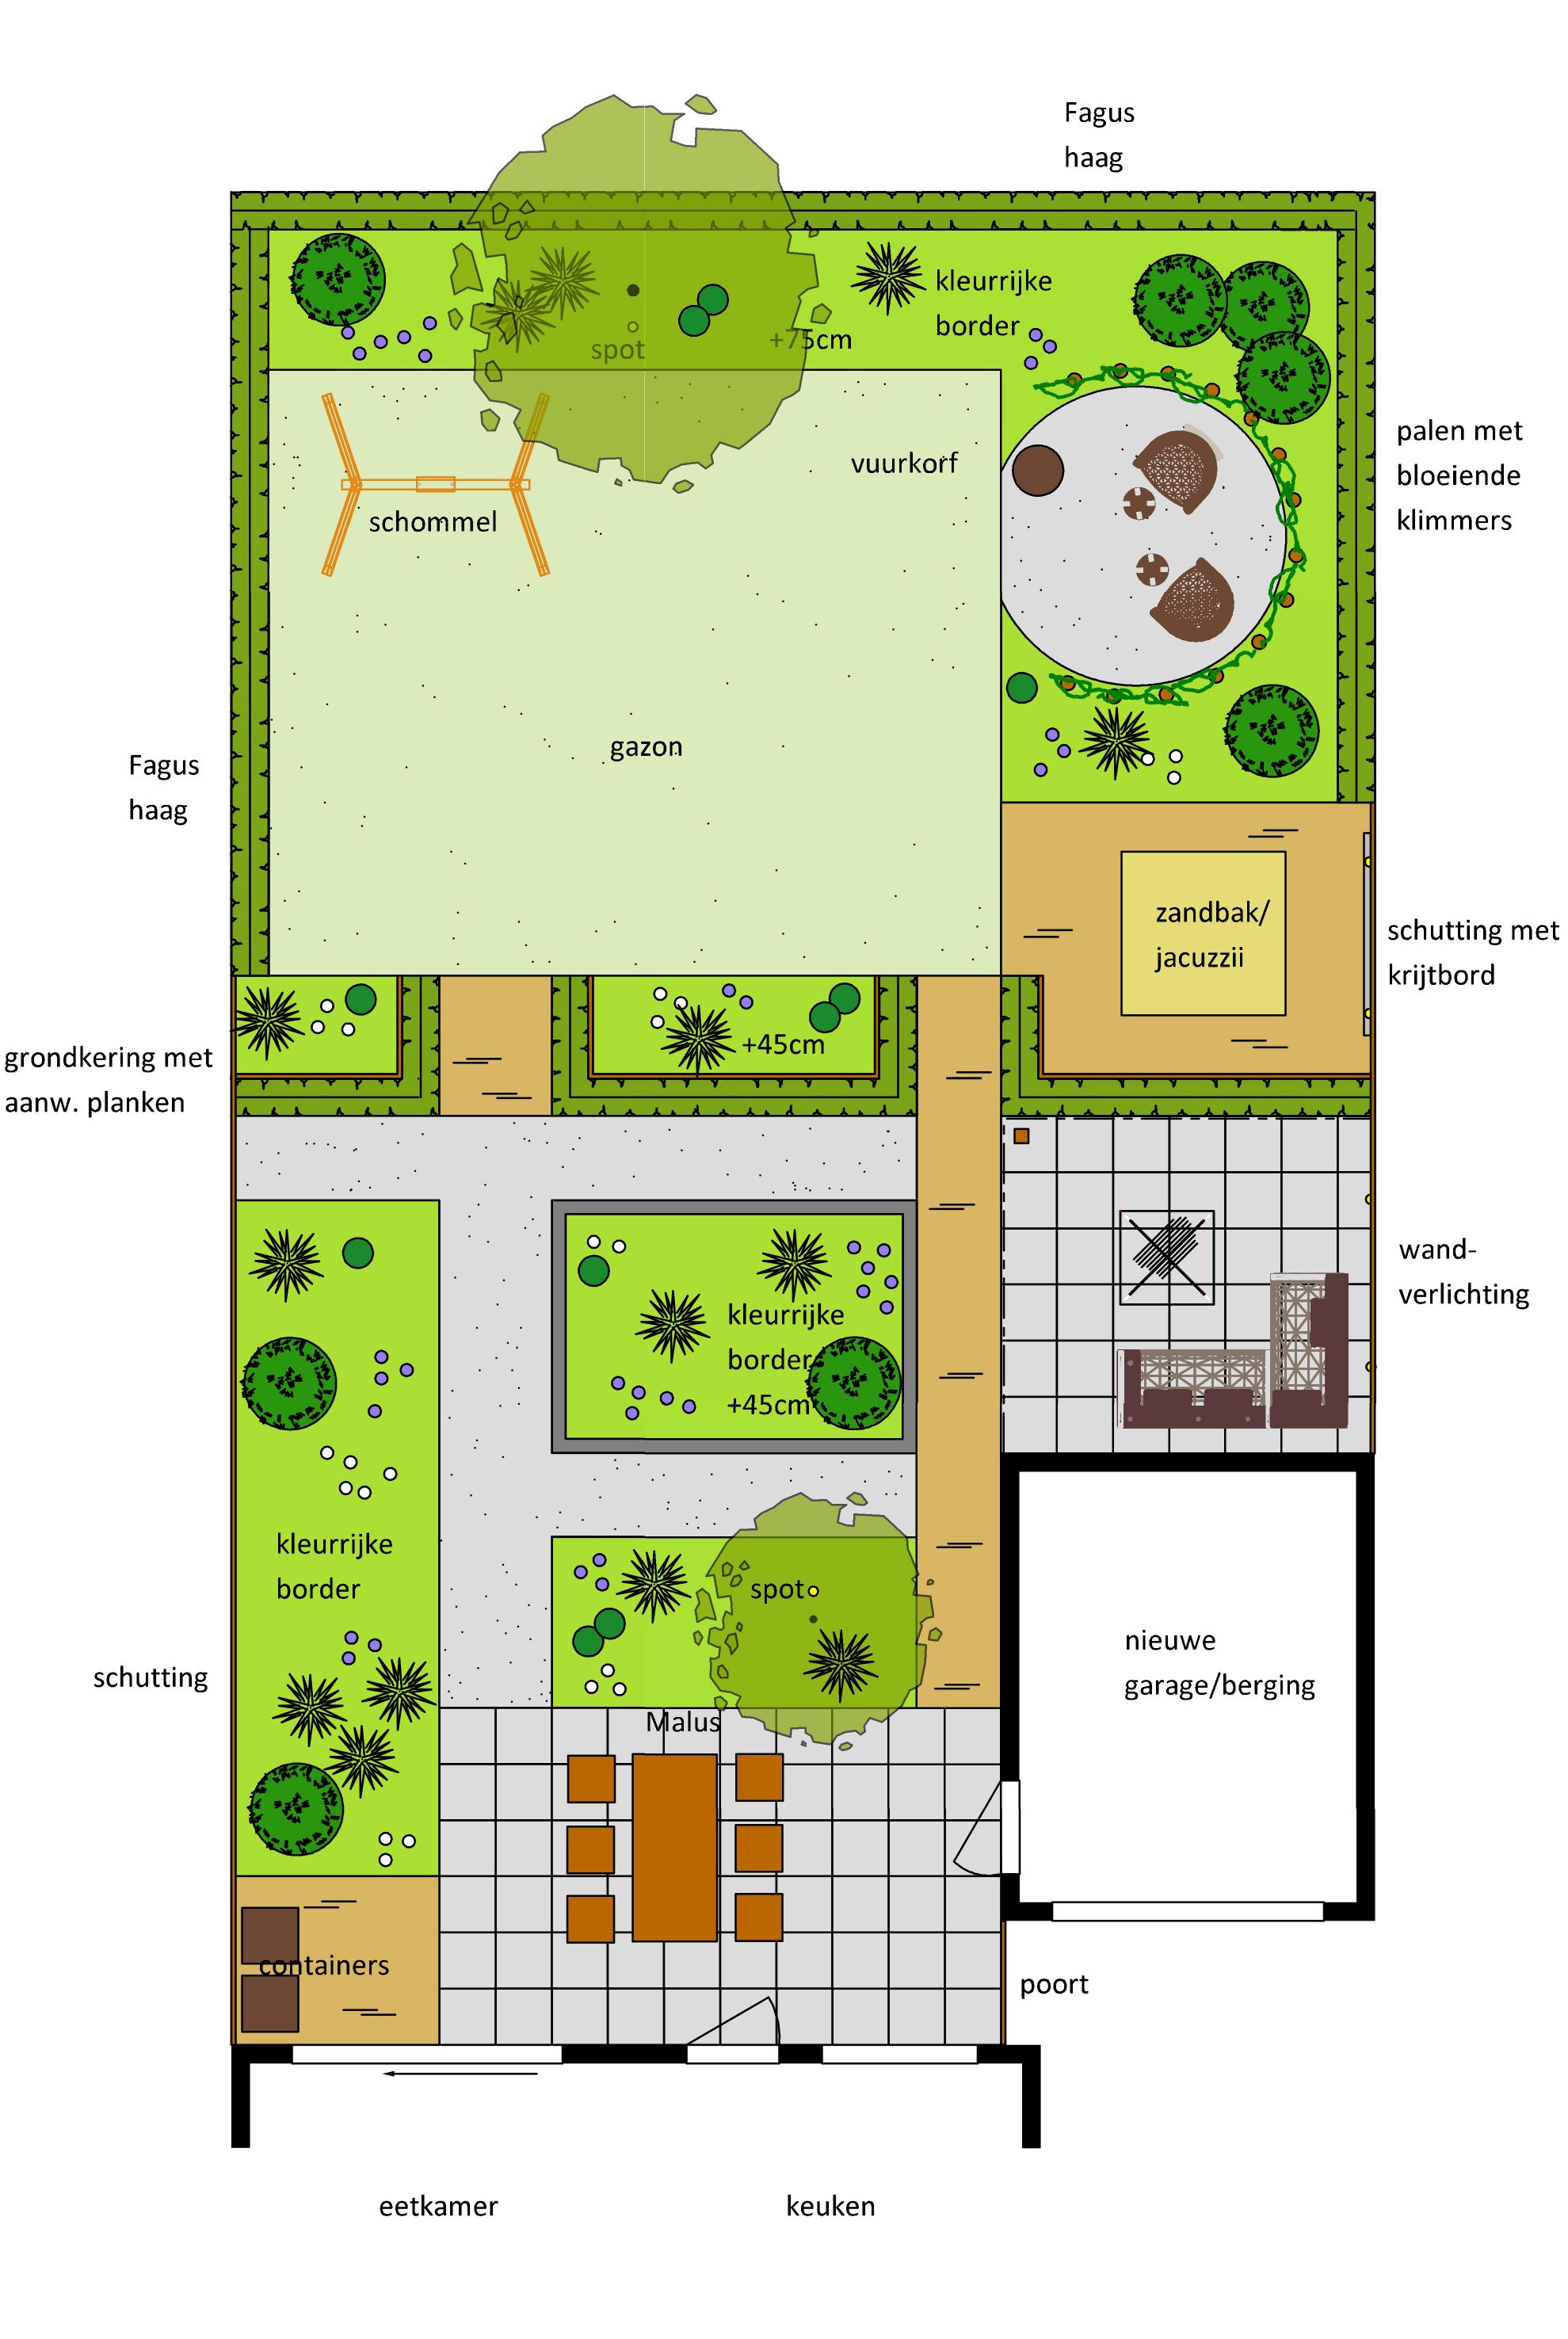 G:_ProjectenRReen, Oosterbeek2019 Reen, OosterbeektekeningenReen, ontwerp tuin 19-01-21.hcd